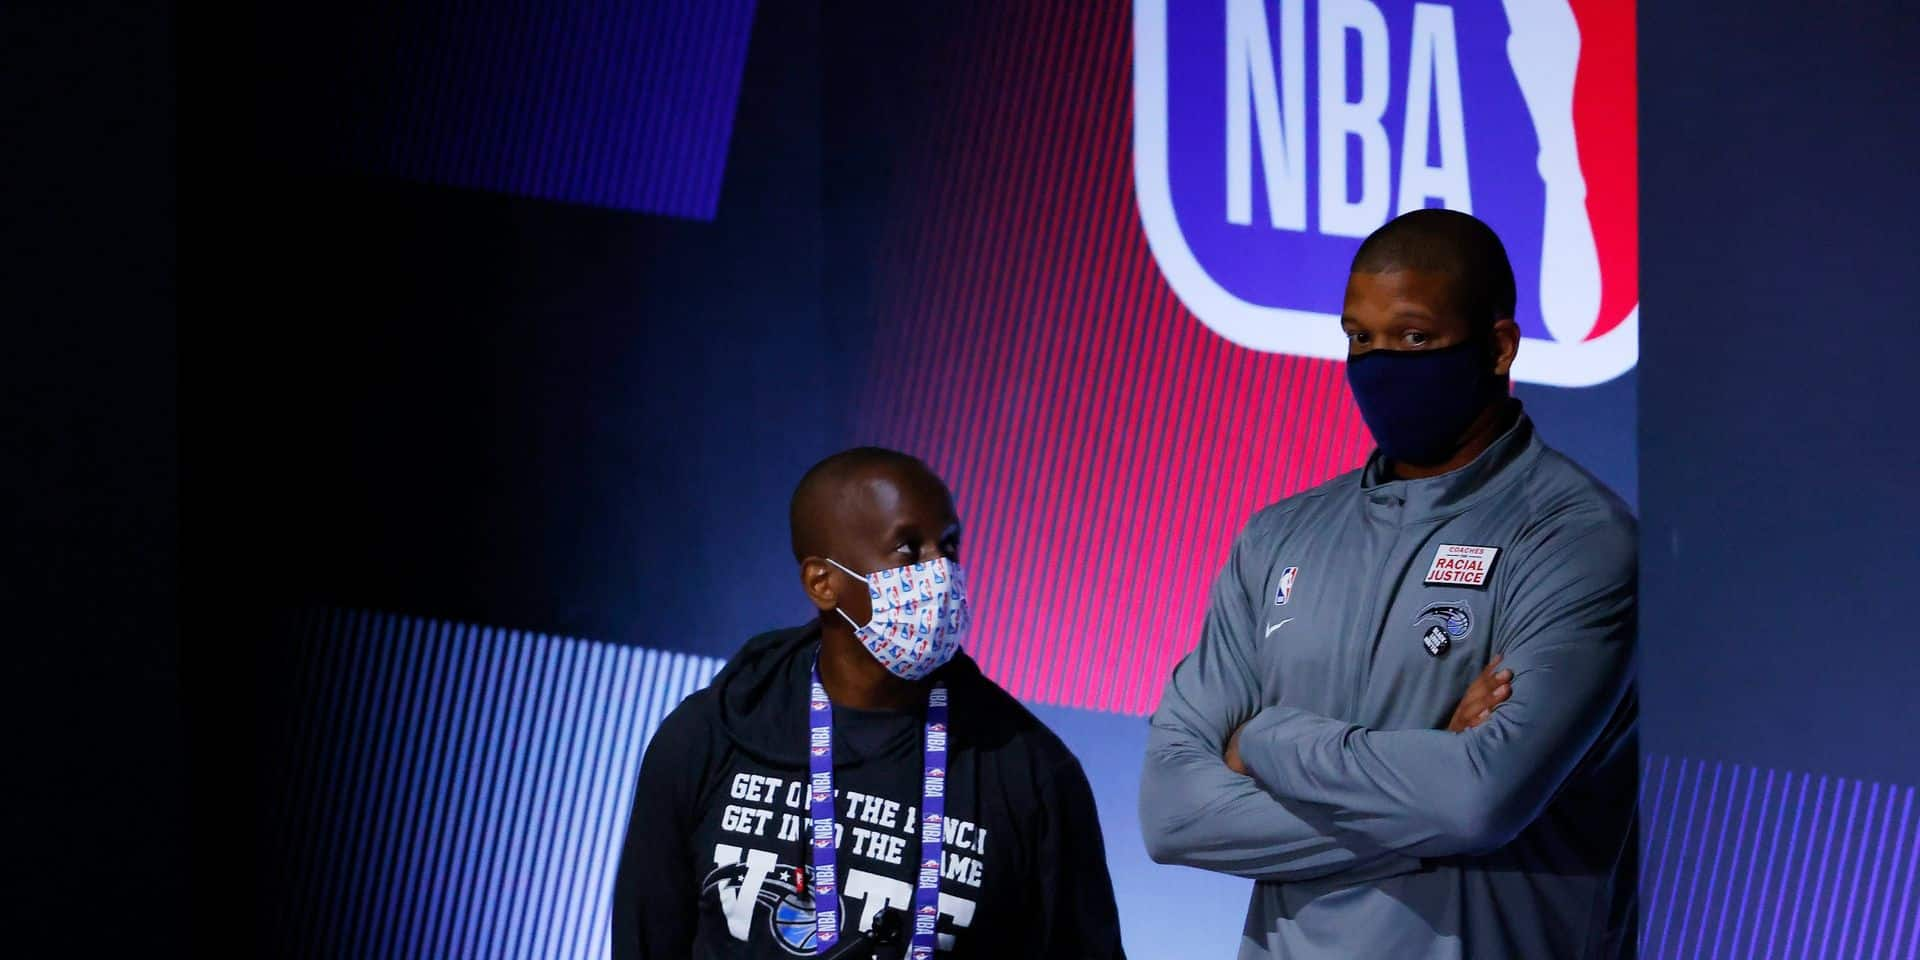 """L'affaire Jacob Blake provoque un boycott des sportifs américains: """"Il n'y a pas d'action, donc nous ne pouvons pas nous concentrer aujourd'hui sur le basket"""""""